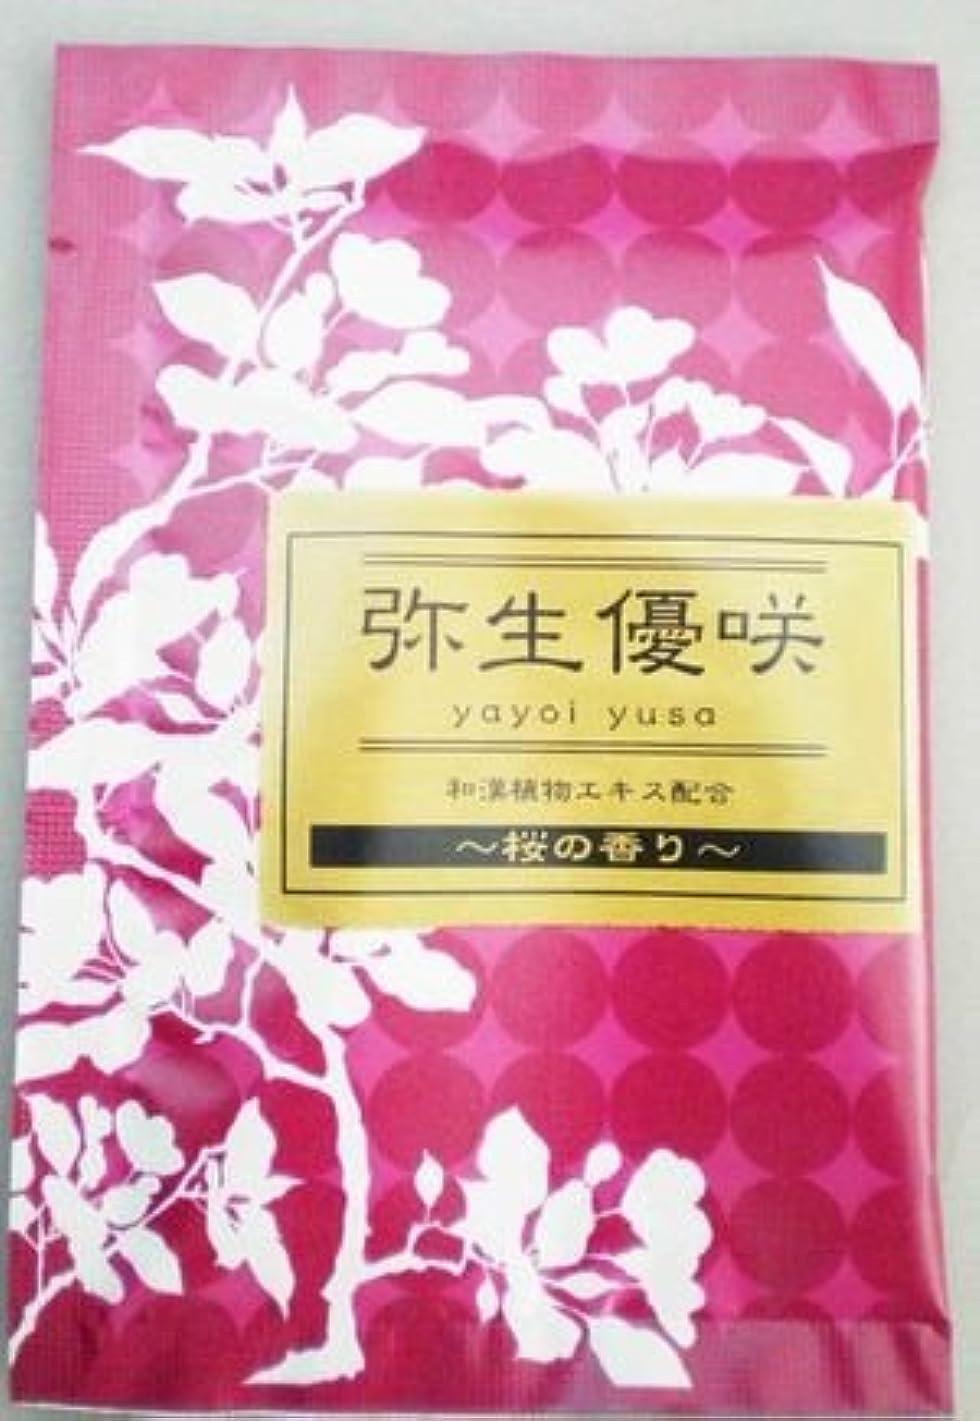 一月上級勇敢な綺羅の刻 弥生優咲 桜の香り(1包)